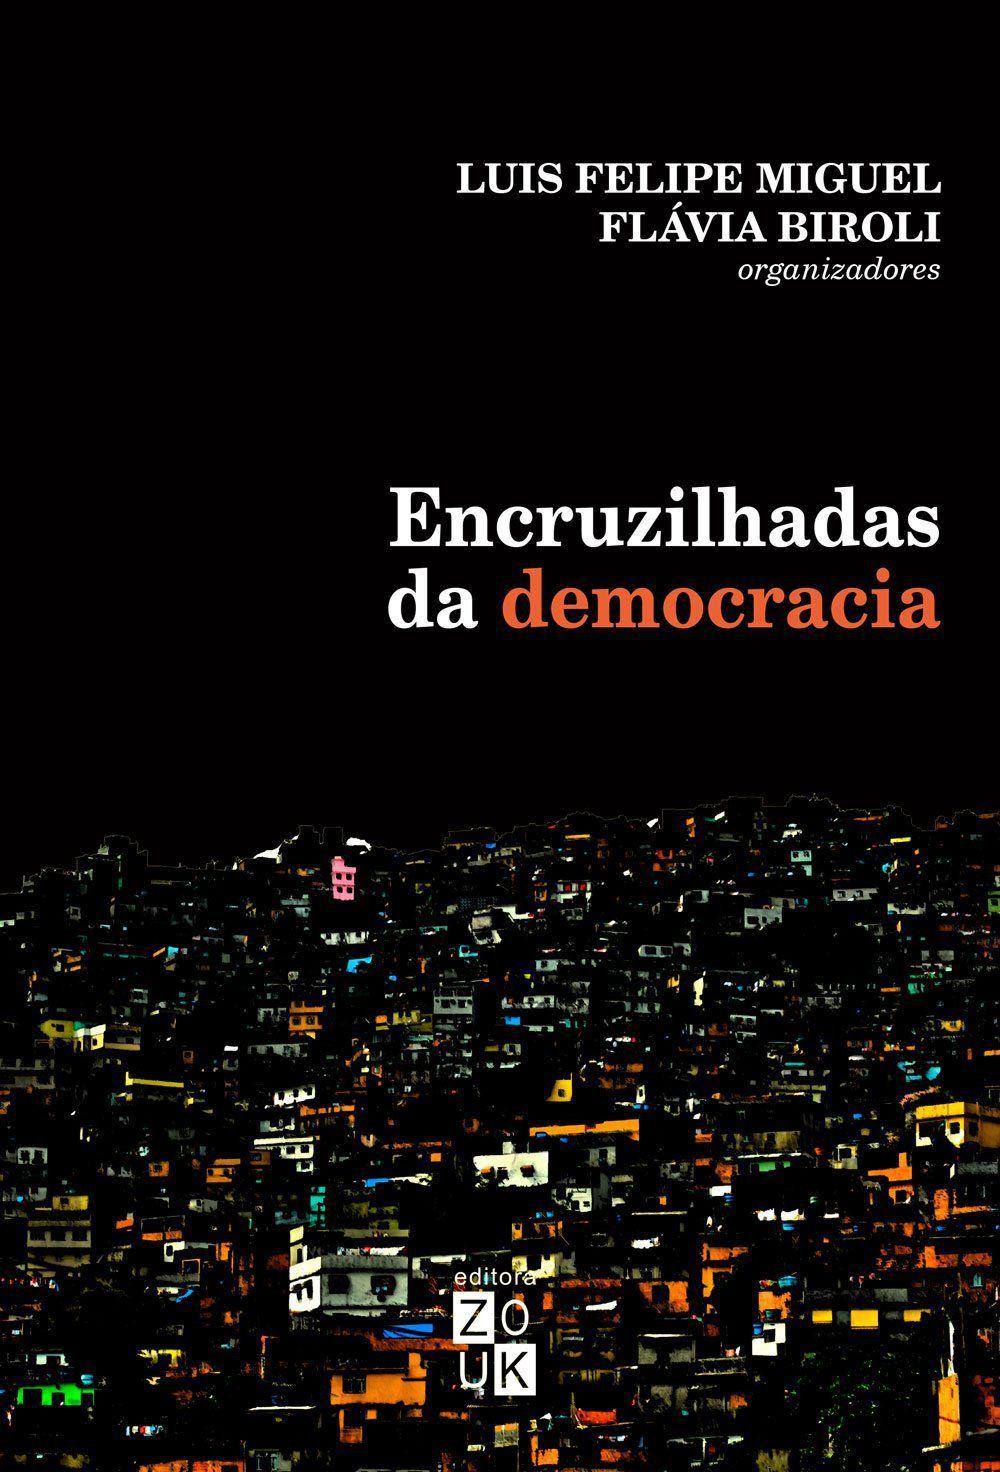 Encruzilhadas da democracia